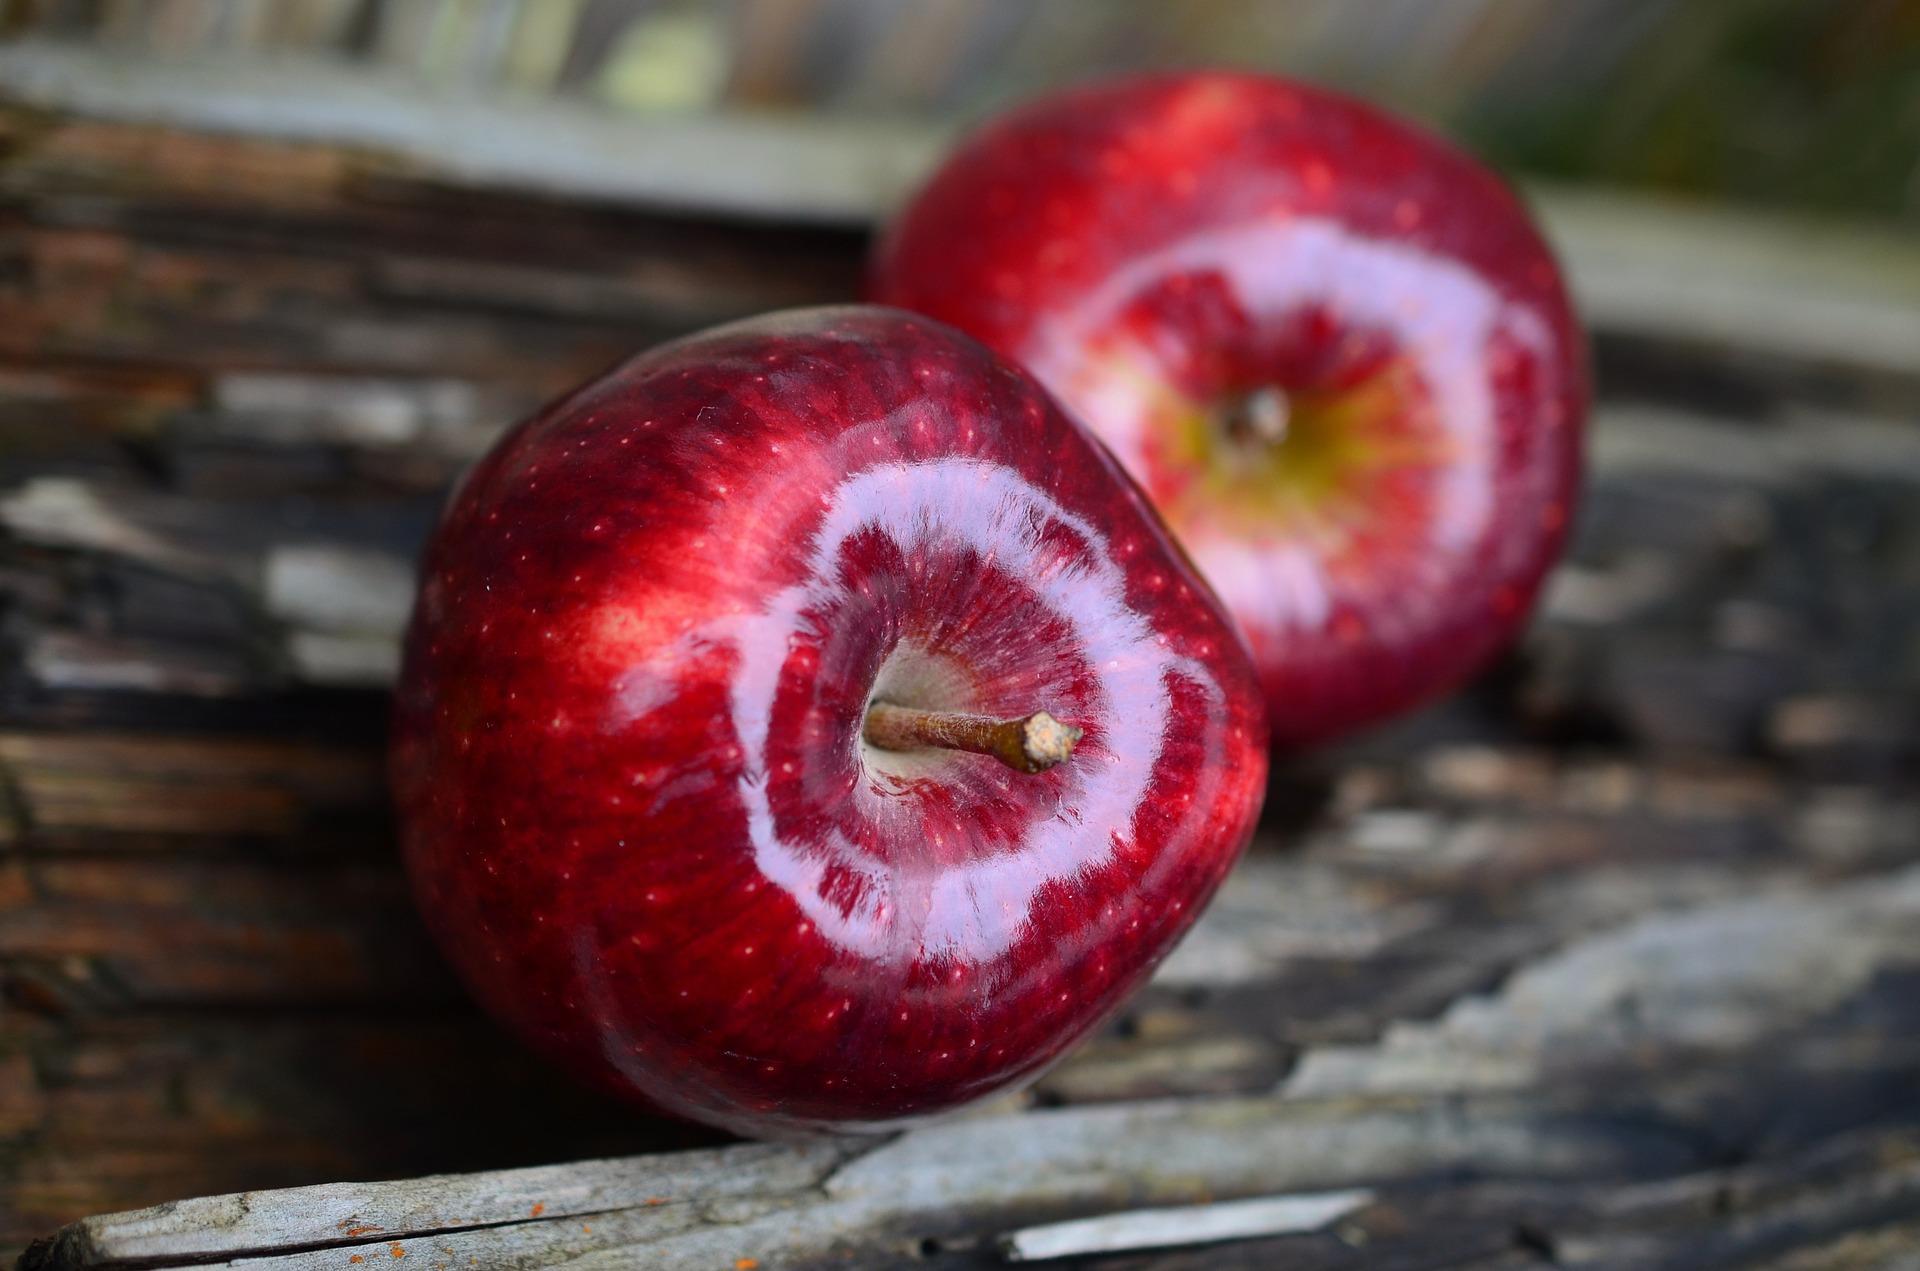 apple good for diabetics